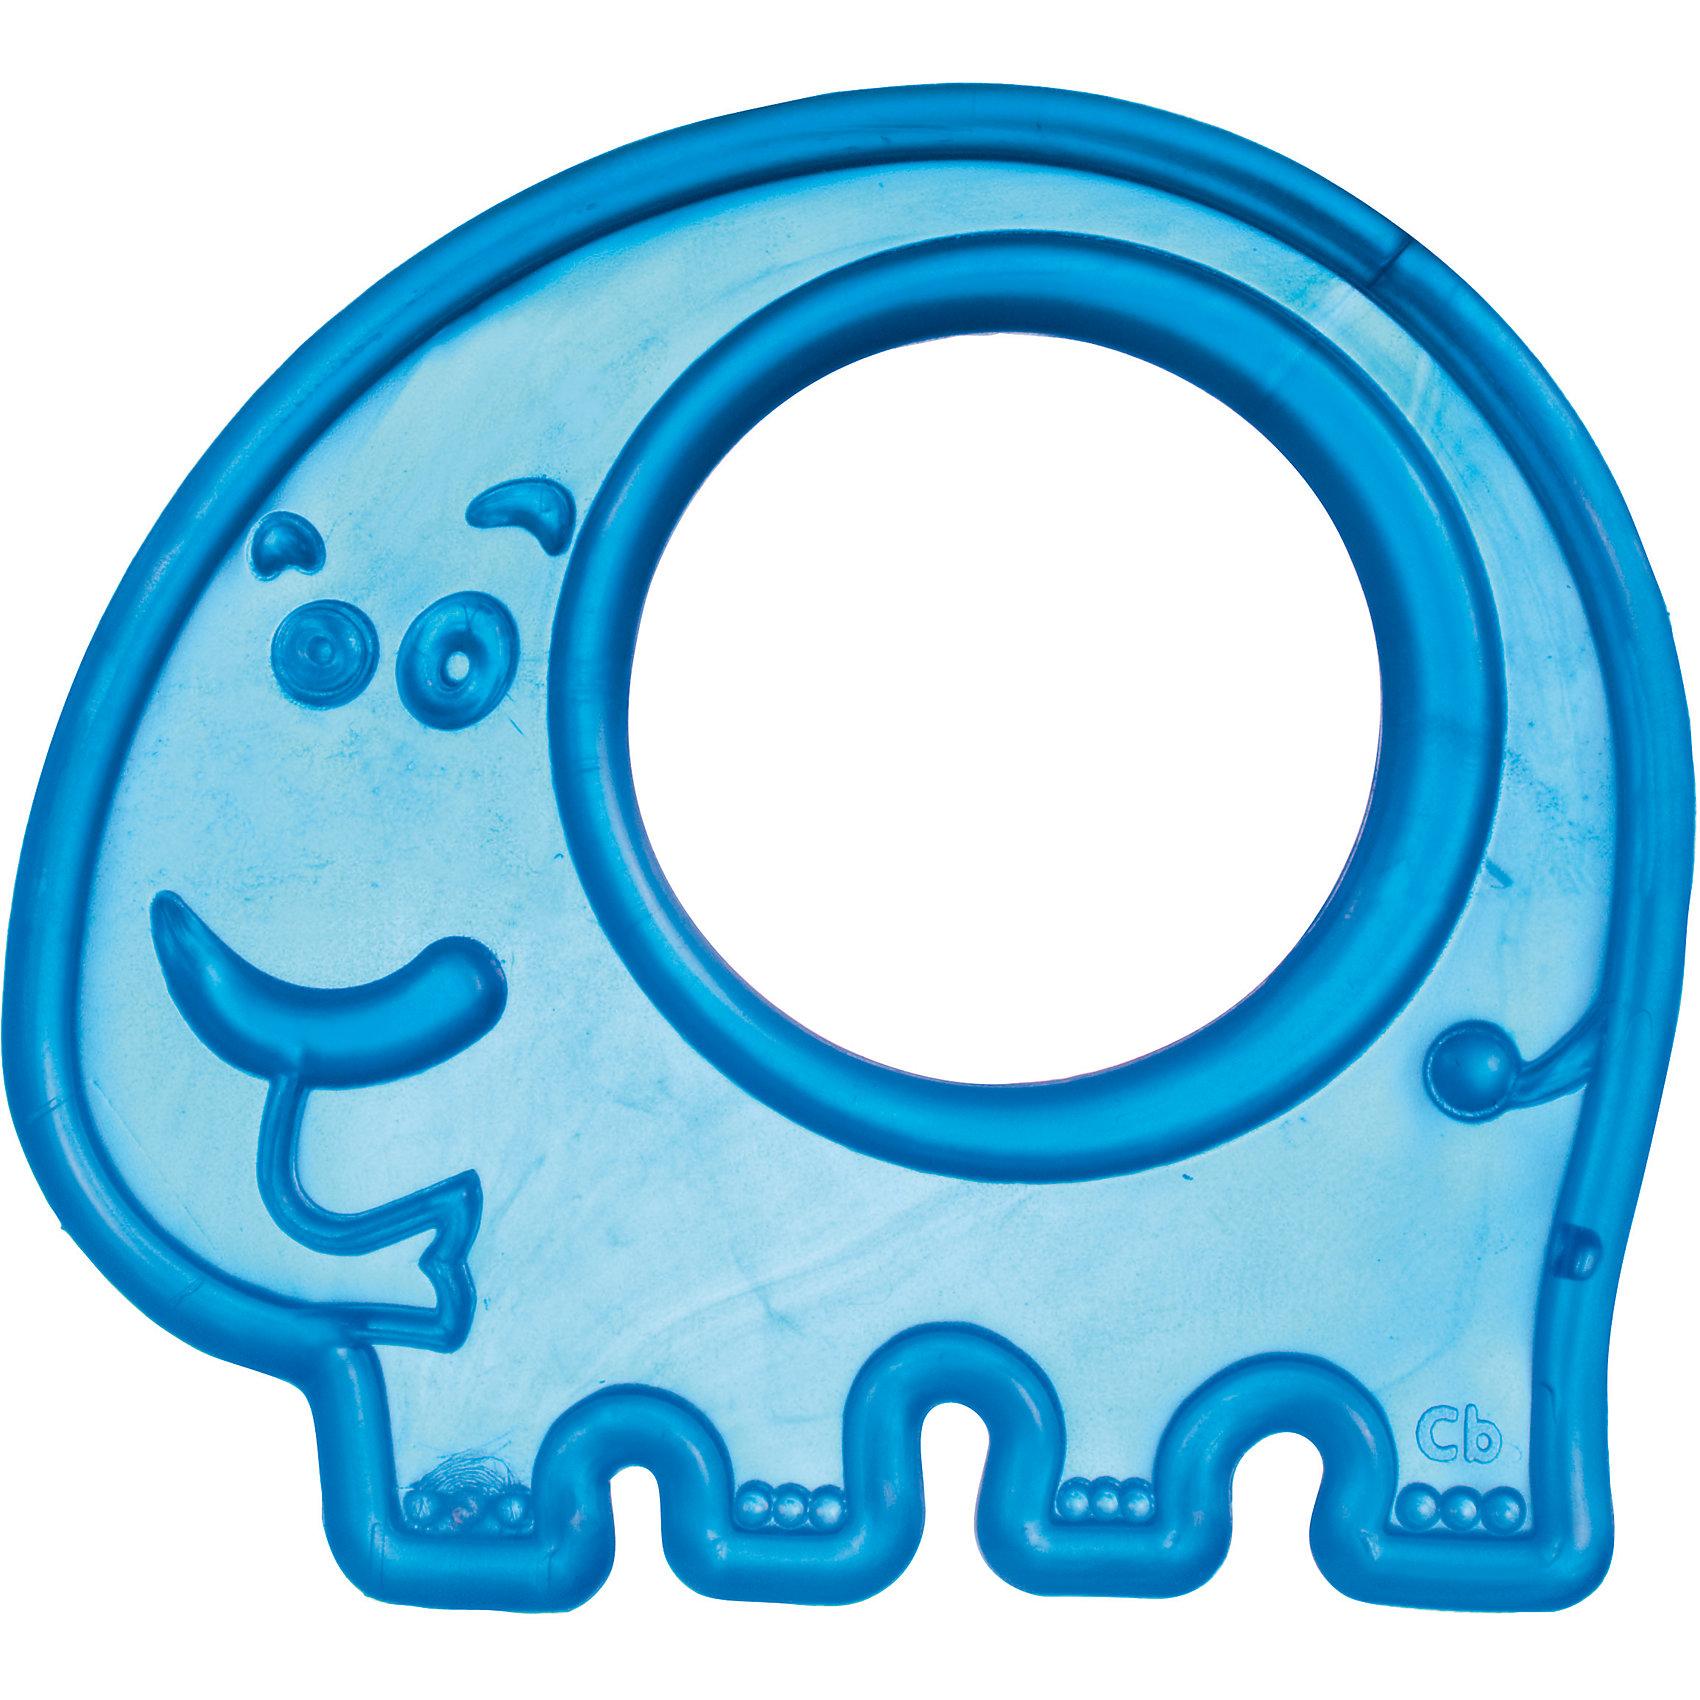 Прорезыватель мягкий Слоник 0+, Canpol Babies, голубой